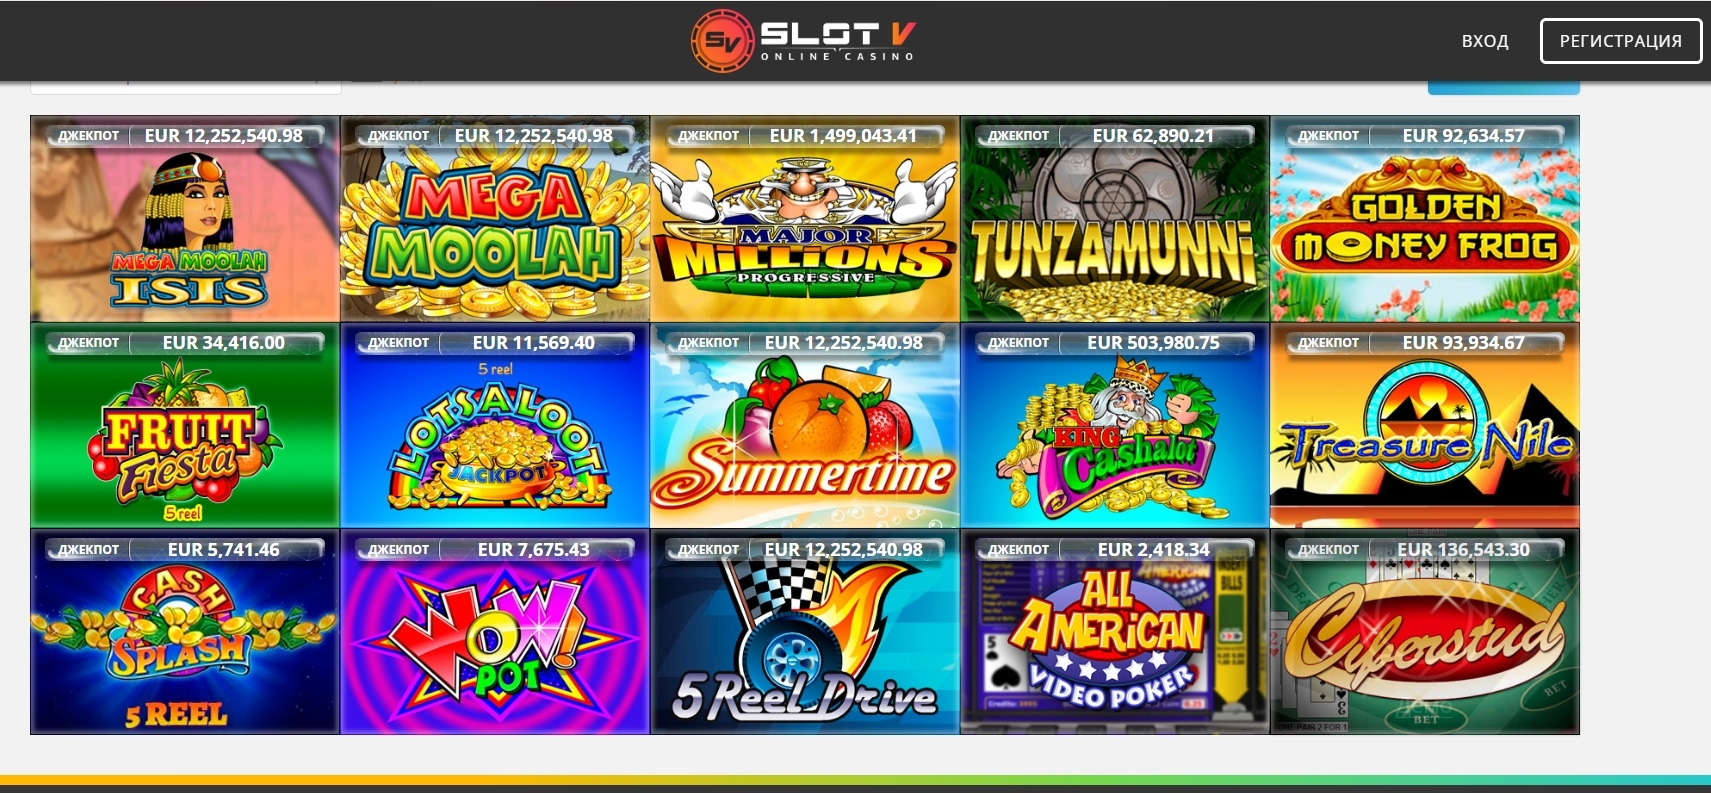 онлайн казино slot v официальный сайт вход